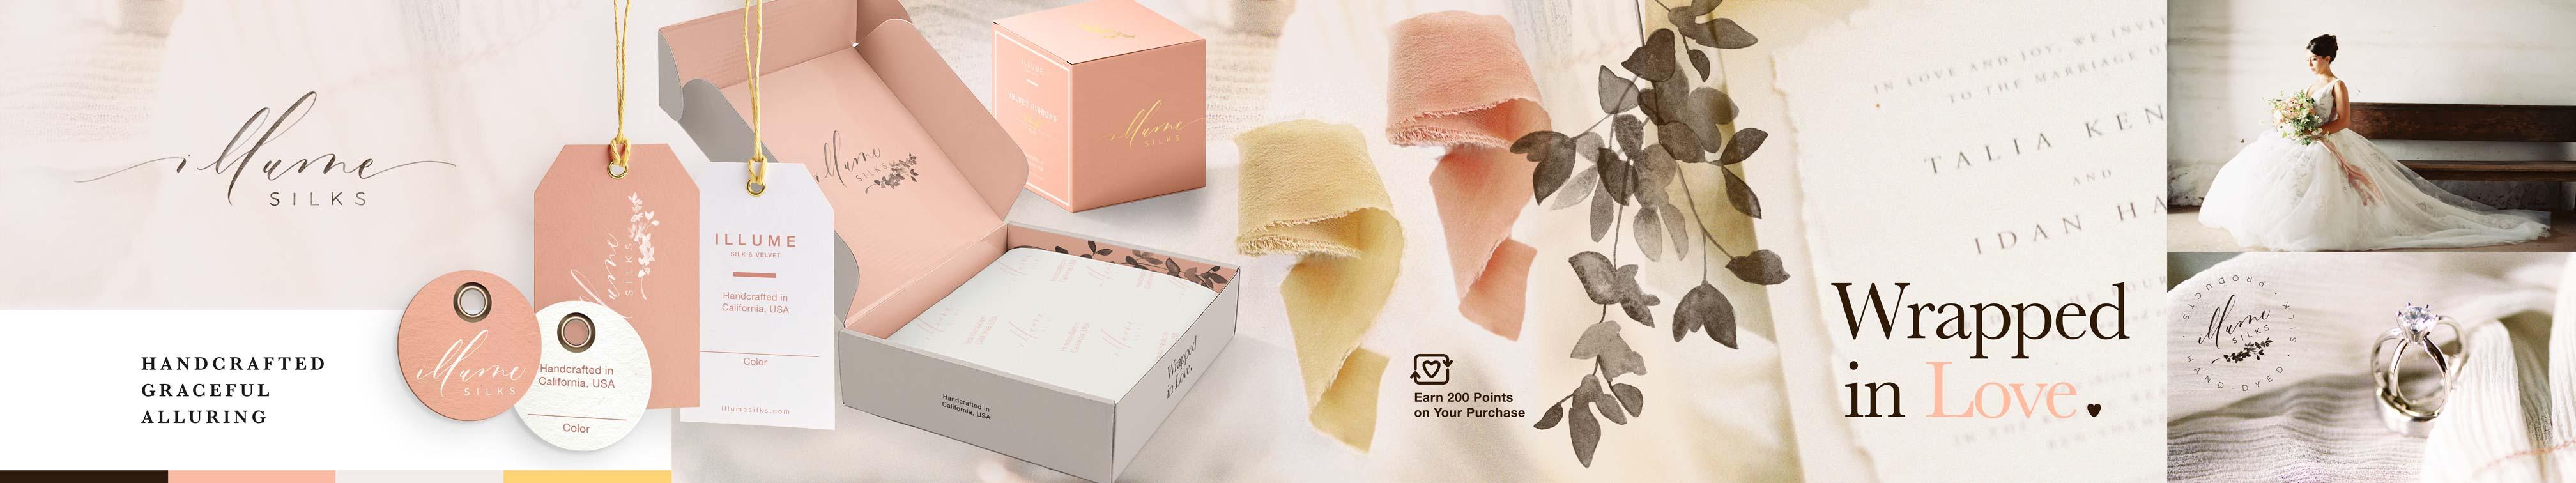 illume silks brand stylescape